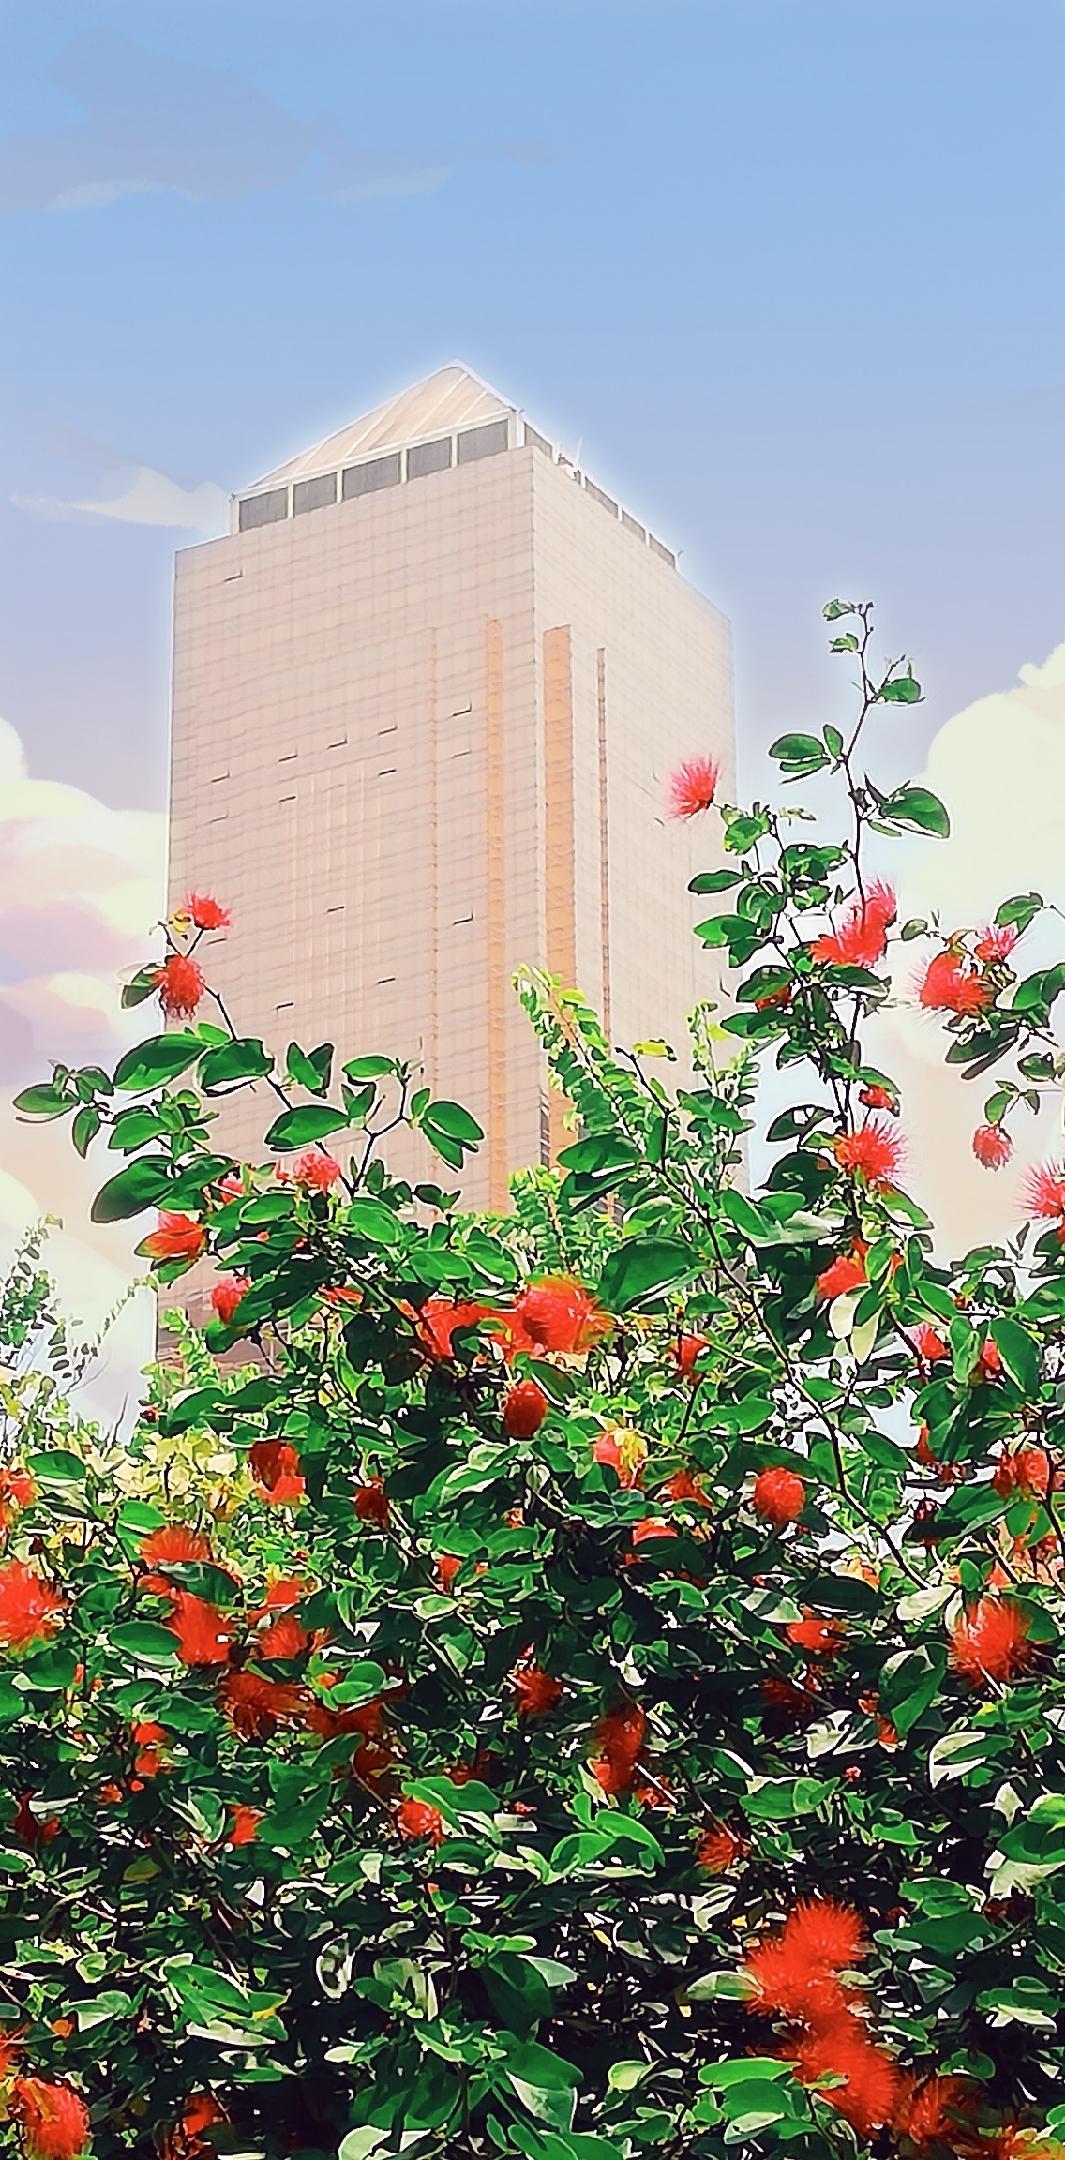 自然生命形式一庭院植物 朱樱苏铁叶子榕树